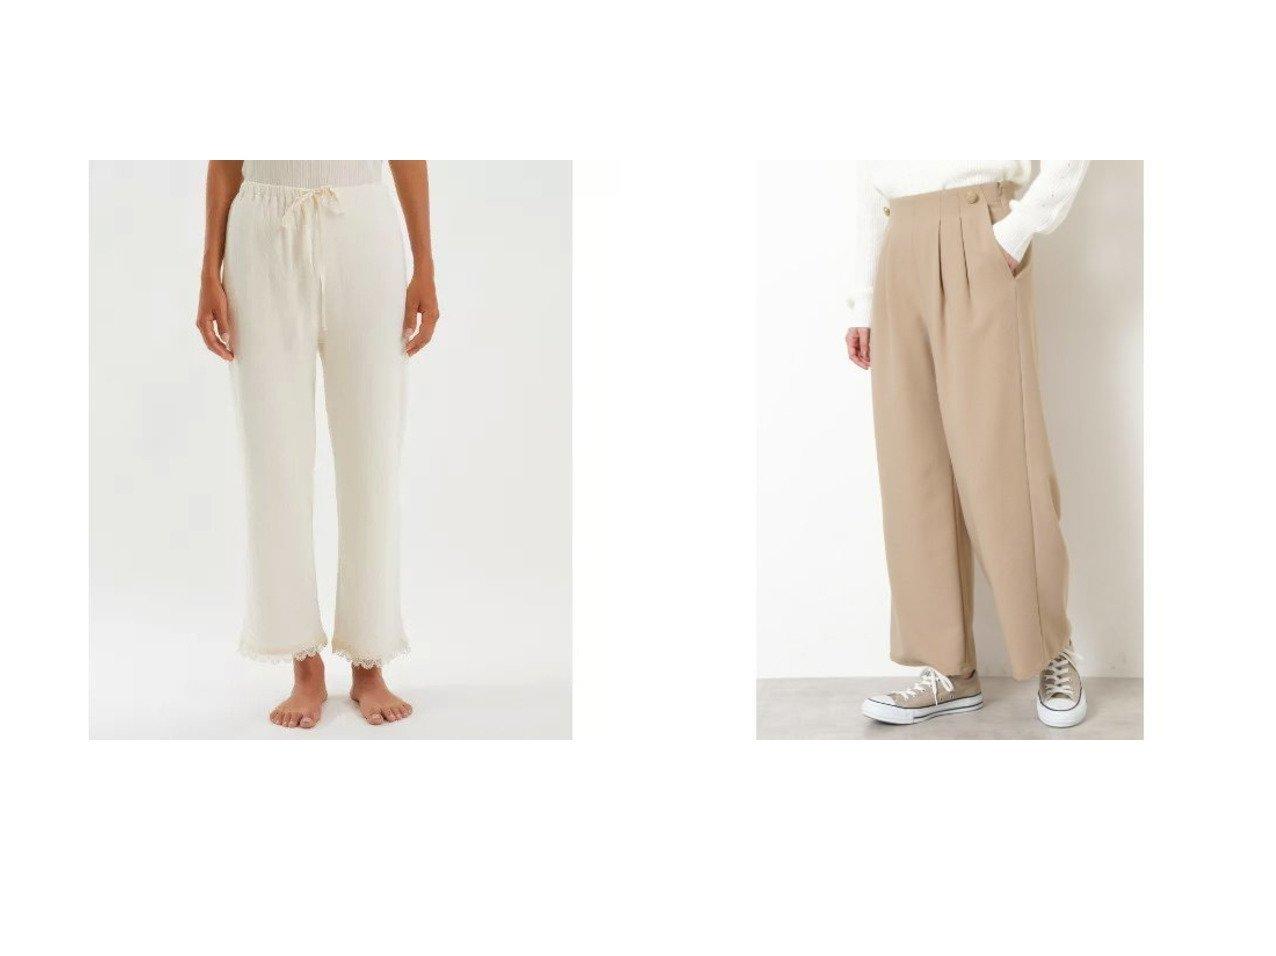 【NATURAL BEAUTY BASIC/ナチュラル ビューティー ベーシック】の[洗える]ジョーゼットワイドパンツ&【nanadecor/ナナデコール】のスズランレースパンツ パンツのおすすめ!人気トレンド・レディースファッションの通販 おすすめで人気のファッション通販商品 インテリア・家具・キッズファッション・メンズファッション・レディースファッション・服の通販 founy(ファニー) https://founy.com/ ファッション Fashion レディースファッション WOMEN パンツ Pants アンダー カットソー ドレス パジャマ リラックス レース ロング ジョーゼット メタル ワイド  ID:crp329100000007731